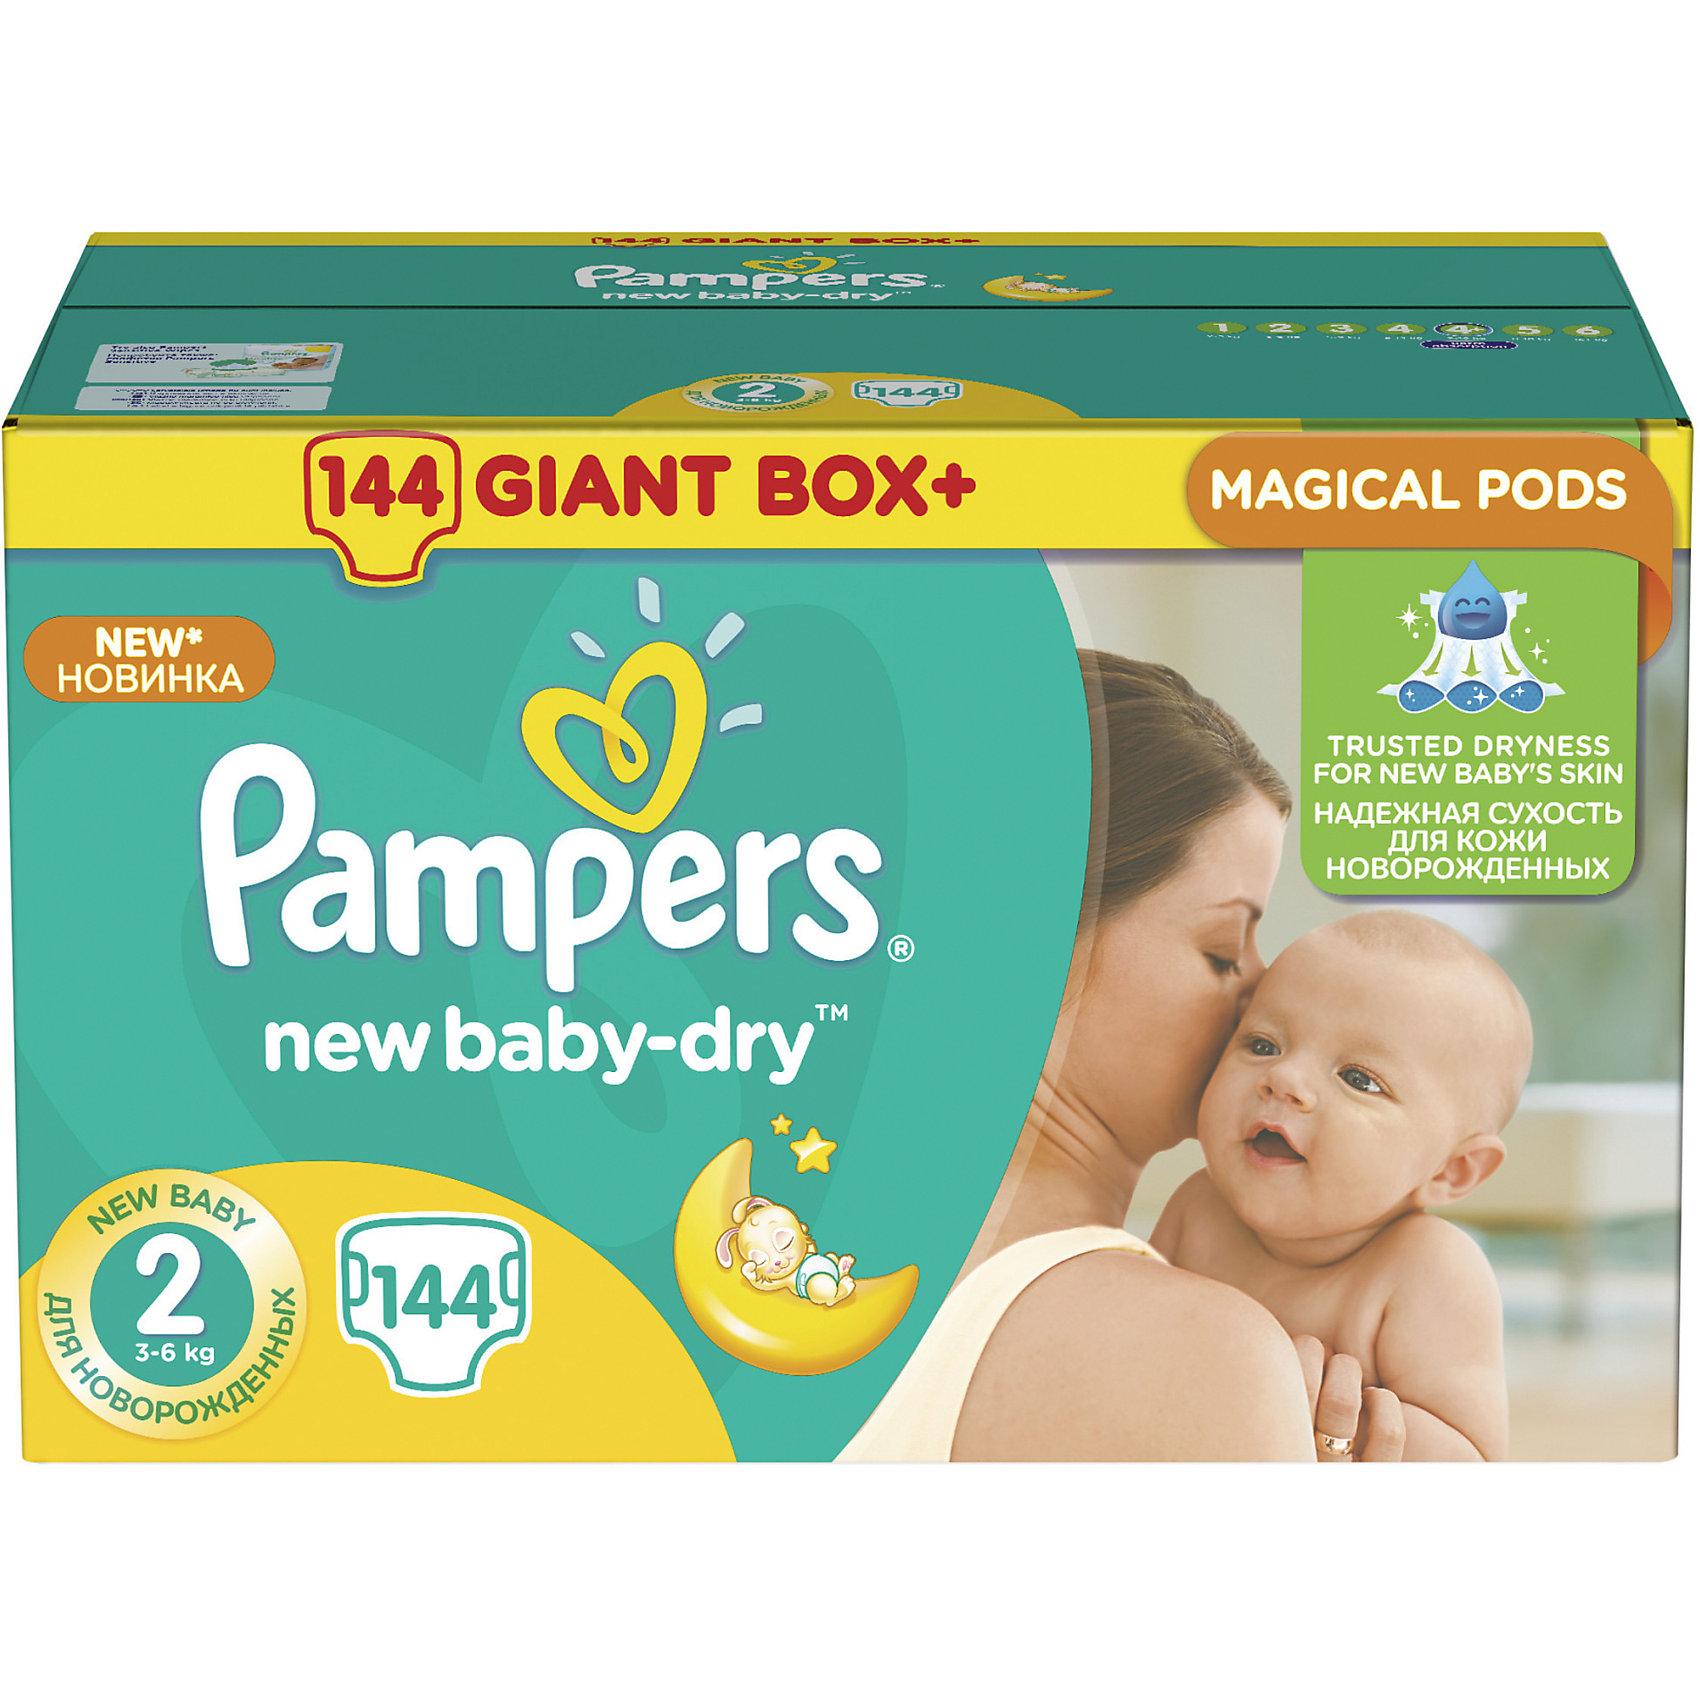 Подгузники Pampers New Baby-Dry, 3-6 кг, 2 размер, 144 шт., PampersТрусики-подгузники 5-12 кг.<br>Характеристики:<br><br>• Пол: универсальный<br>• Тип подгузника: одноразовый<br>• Коллекция: New Baby-Dry<br>• Предназначение: для использования в любое время суток <br>• Размер: 2<br>• Вес ребенка: от 3 до 6 кг<br>• Количество в упаковке: 144 шт.<br>• Упаковка: картонная коробка<br>• Размер упаковки: 38,8*22,1*24,1 см<br>• Вес в упаковке: 2 кг 906 г<br>• Эластичные застежки-липучки<br>• Быстро впитывающий слой<br>• Мягкий верхний слой<br>• Сохранение сухости в течение 12-ти часов<br><br>Подгузники Pampers New Baby-Dry, 3-6 кг, 2 размер, 144 шт., Pampers – это линейка классических детских подгузников от Pampers, которая сочетает в себе качество и безопасность материалов, удобство использования и комфорт для нежной кожи малыша. Подгузники предназначены для новорожденных и младенцев весом до 6 кг. Инновационные технологии и современные материалы обеспечивают этим подгузникам Дышащие свойства, что особенно важно для кожи малыша. <br><br>Впитывающие свойства изделию обеспечивает уникальный слой, состоящий из жемчужных микрогранул. У подгузников предусмотрена эластичная мягкая резиночка на спинке. Широкие липучки с двух сторон обеспечивают надежную фиксацию. Подгузник имеет мягкий верхний слой, который обеспечивает не только комфорт, но и защищает кожу ребенка от раздражений. Подгузник подходит как для мальчиков, так и для девочек. <br><br>Подгузники Pampers New Baby-Dry, 3-6 кг, 2 размер, 144 шт., Pampers можно купить в нашем интернет-магазине.<br><br>Ширина мм: 388<br>Глубина мм: 221<br>Высота мм: 241<br>Вес г: 2906<br>Возраст от месяцев: 3<br>Возраст до месяцев: 8<br>Пол: Унисекс<br>Возраст: Детский<br>SKU: 5419083